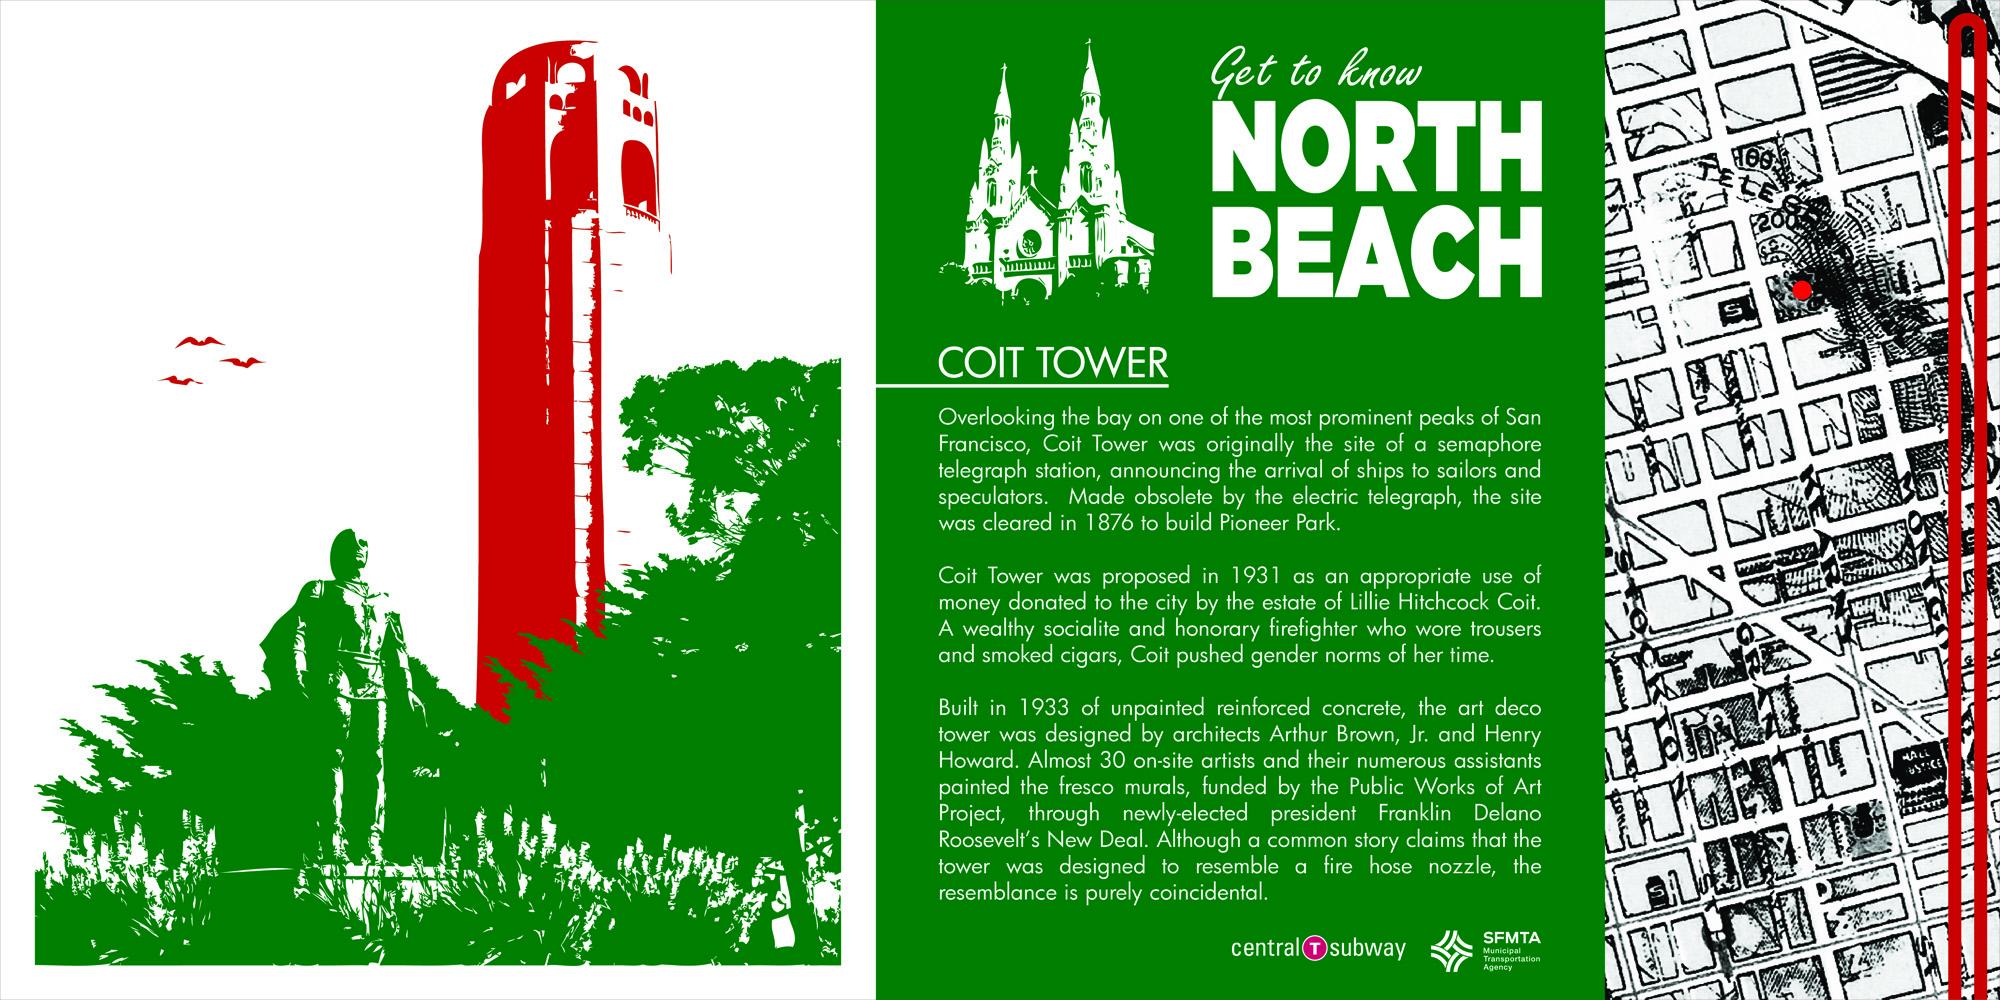 nb_coit_tower_v2.jpg